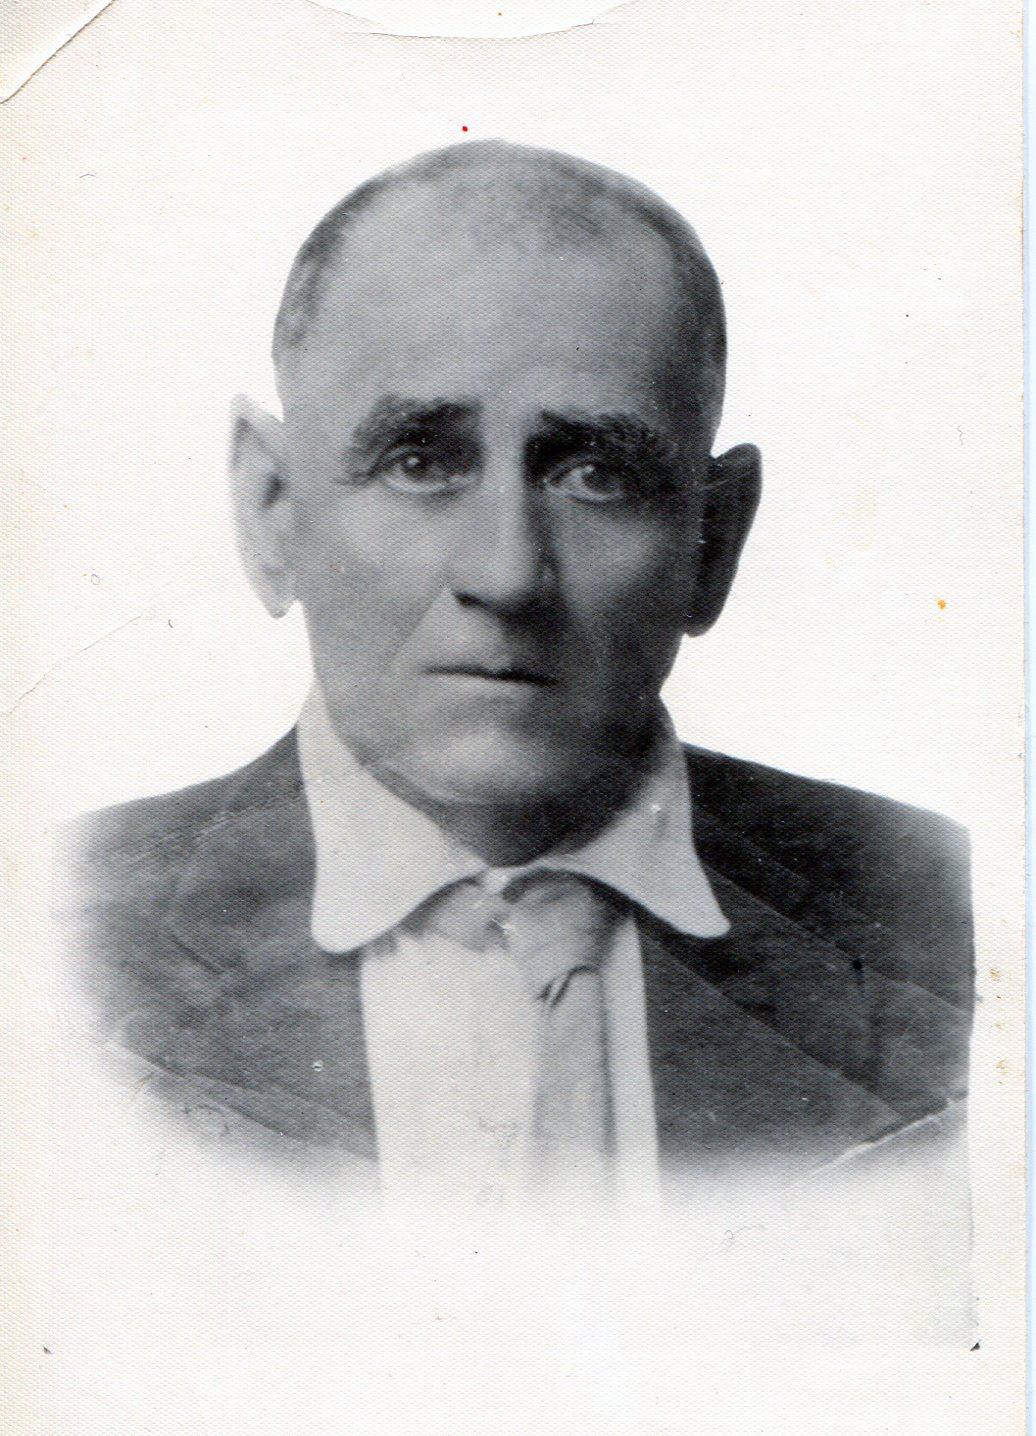 Antenor Patino Rodriguez